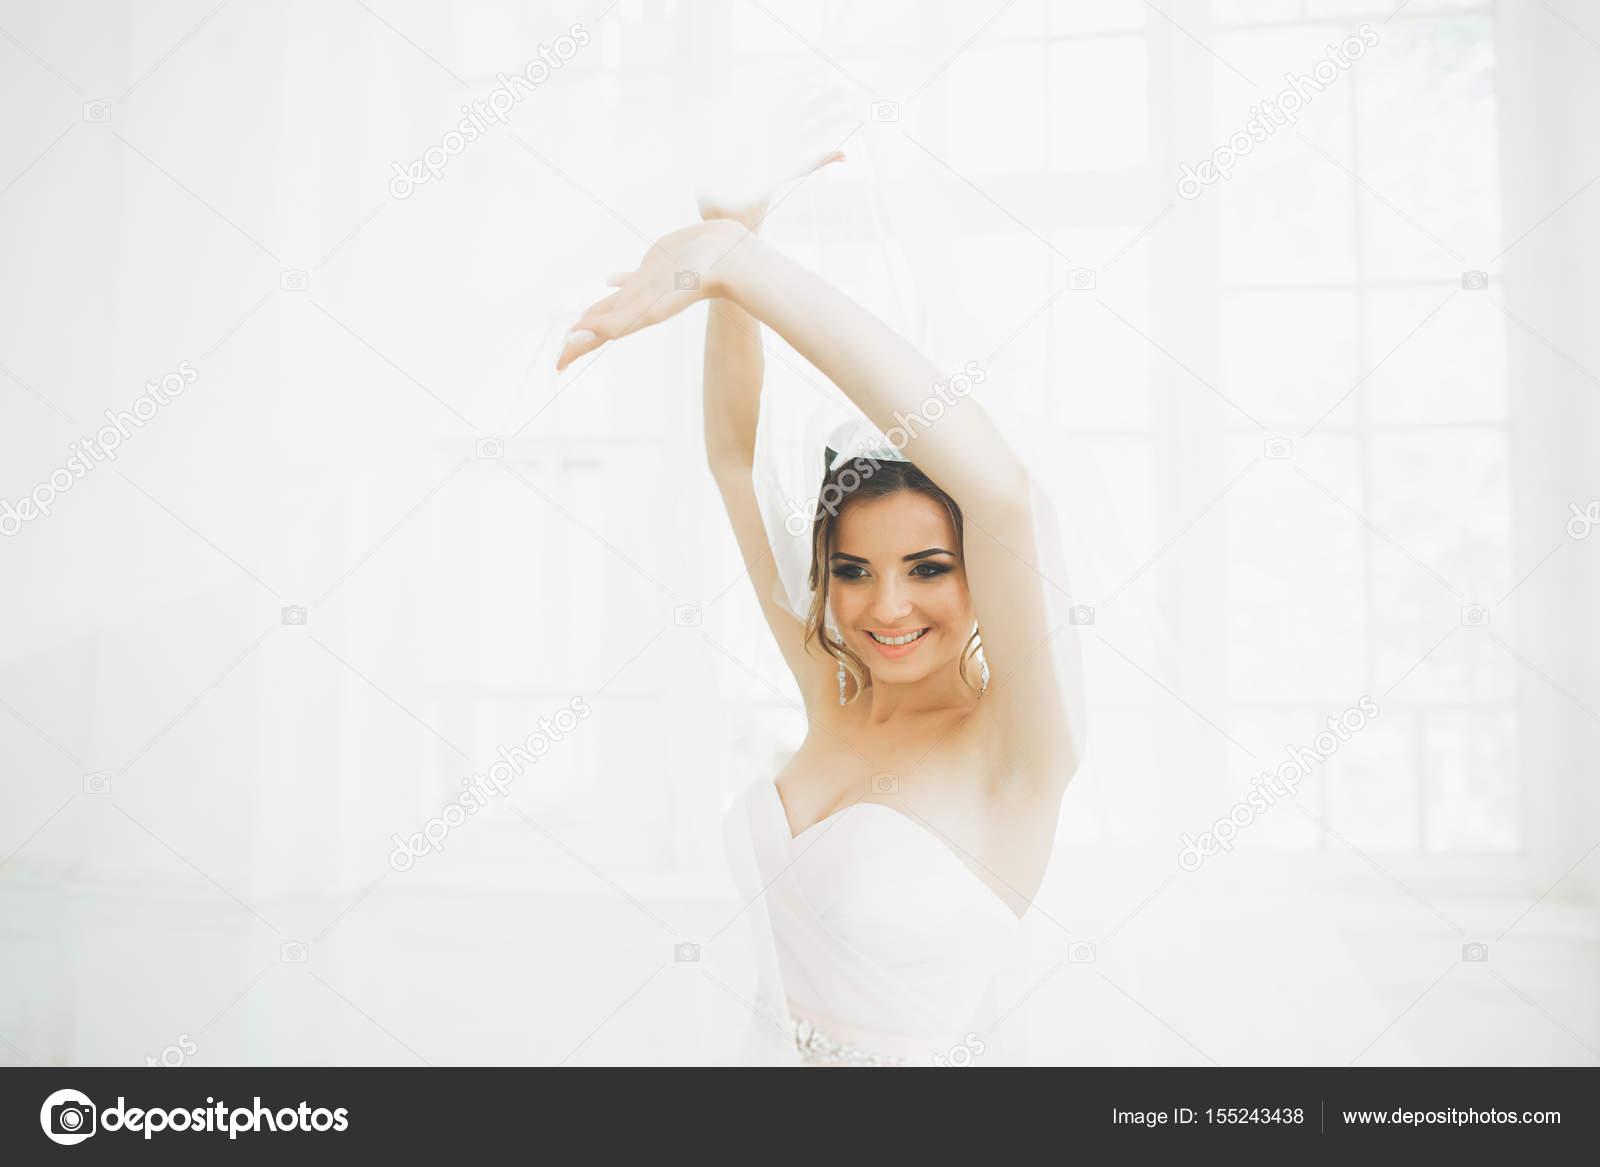 9f824fc51841 Vackra brud i brudklänning med lång hel kjol, vit bakgrund, dansar och ler —